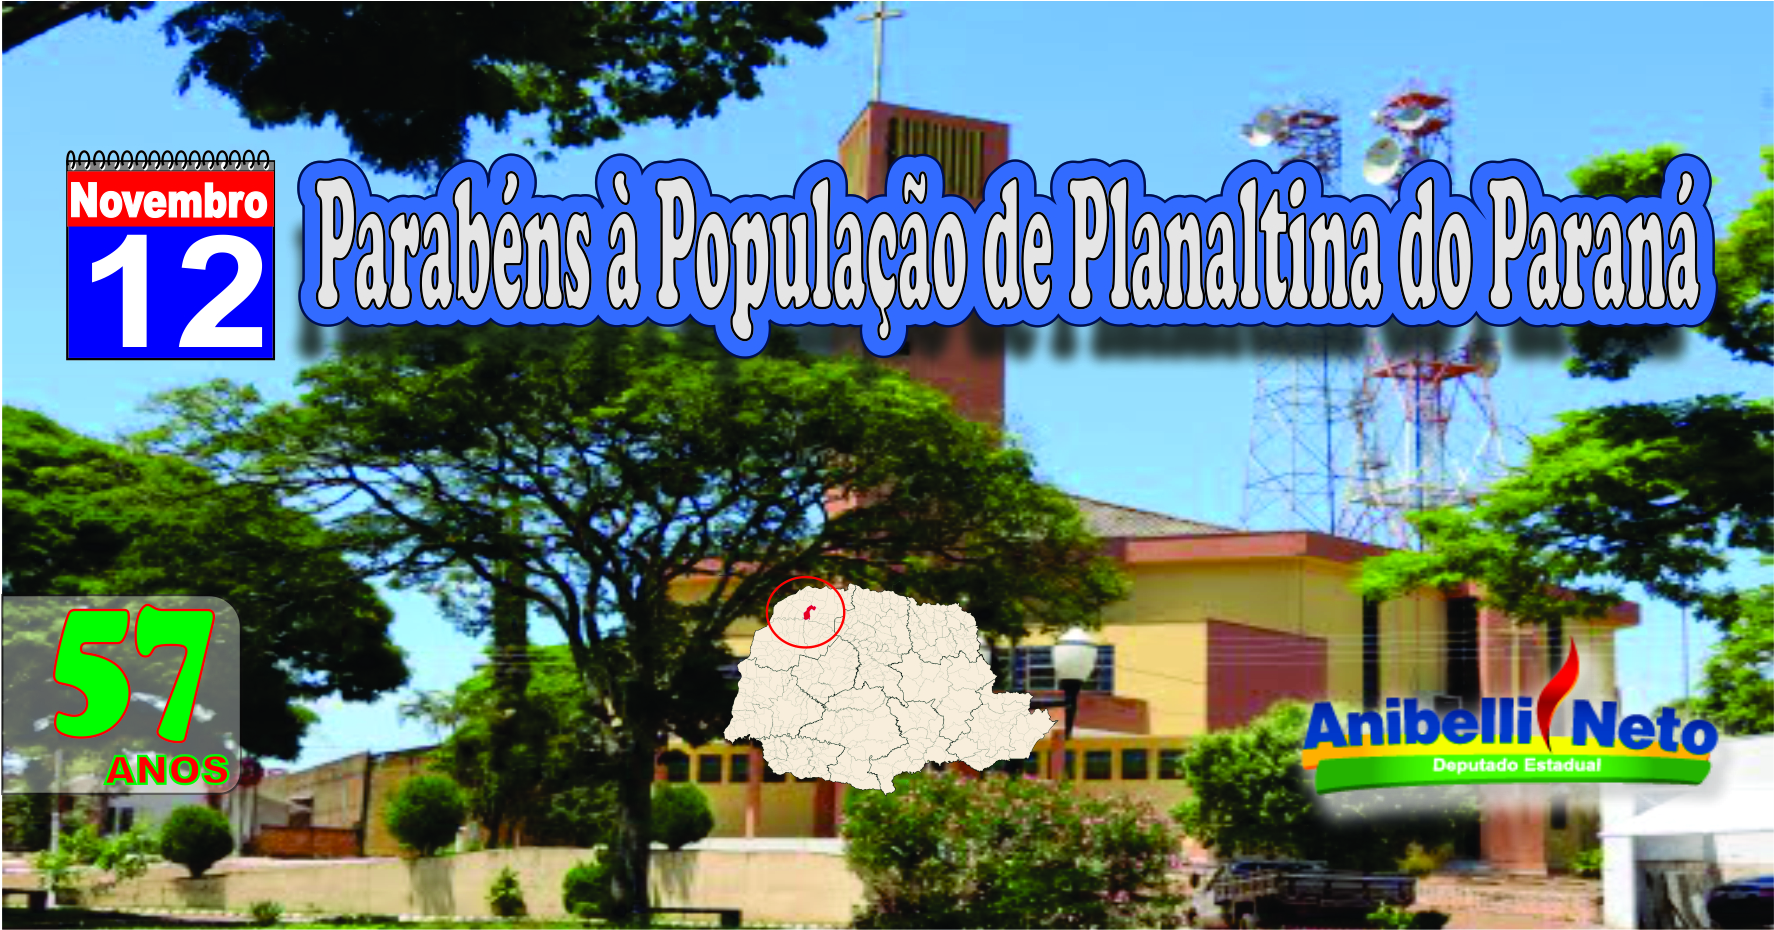 Parabéns à População de Planaltina do Paraná